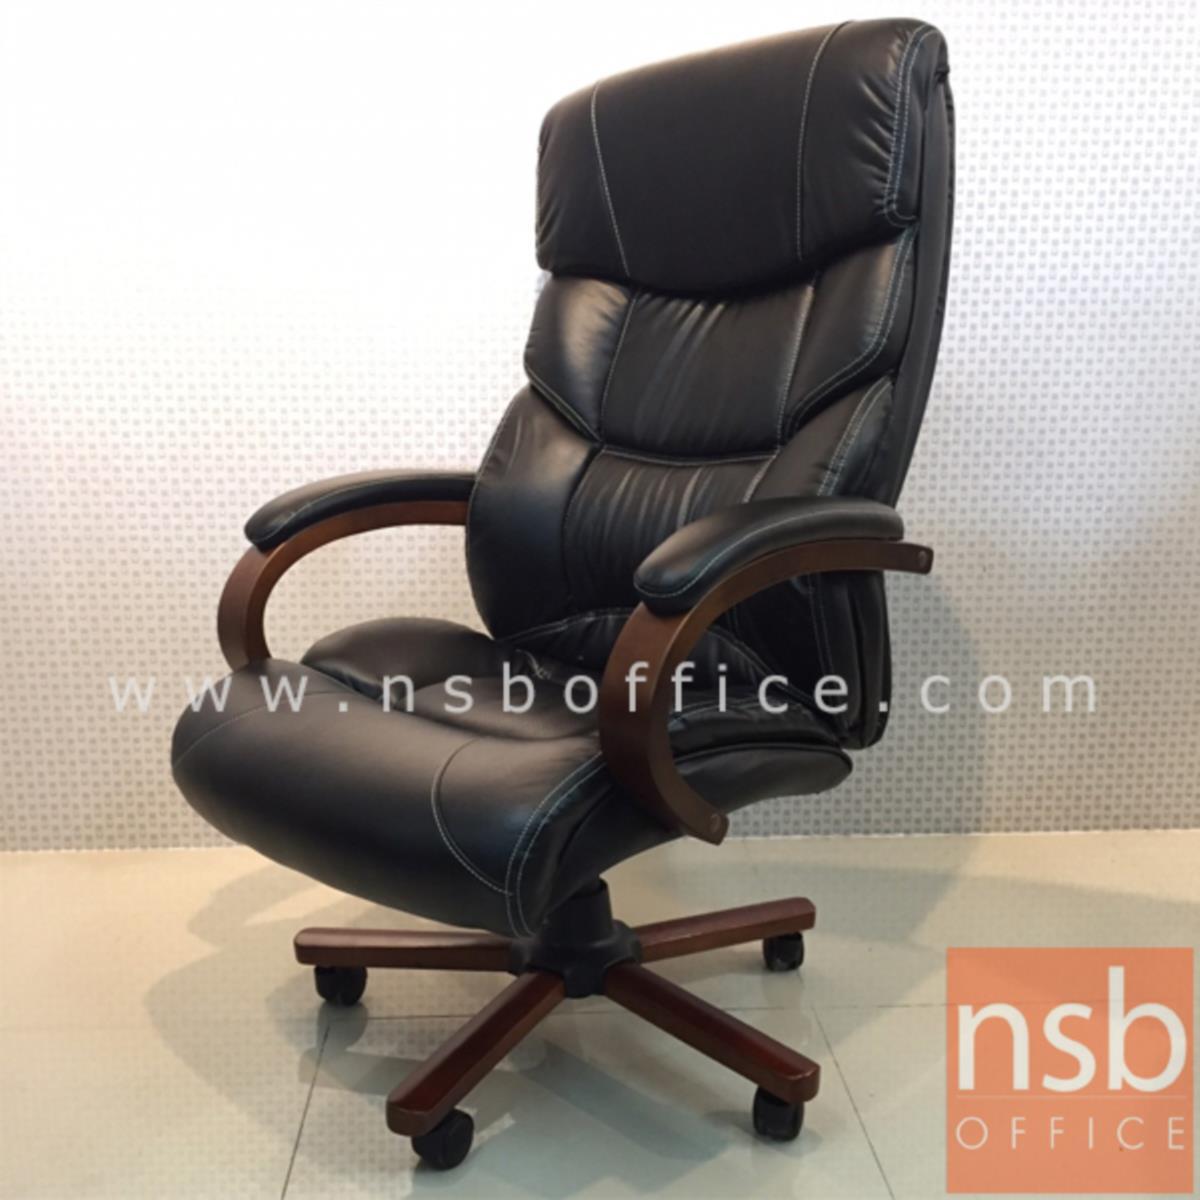 เก้าอี้ผู้บริหารหนัง PU รุ่น FTS-SLCO-0512  โช๊คแก๊ส มีก้อนโยก ขาไม้